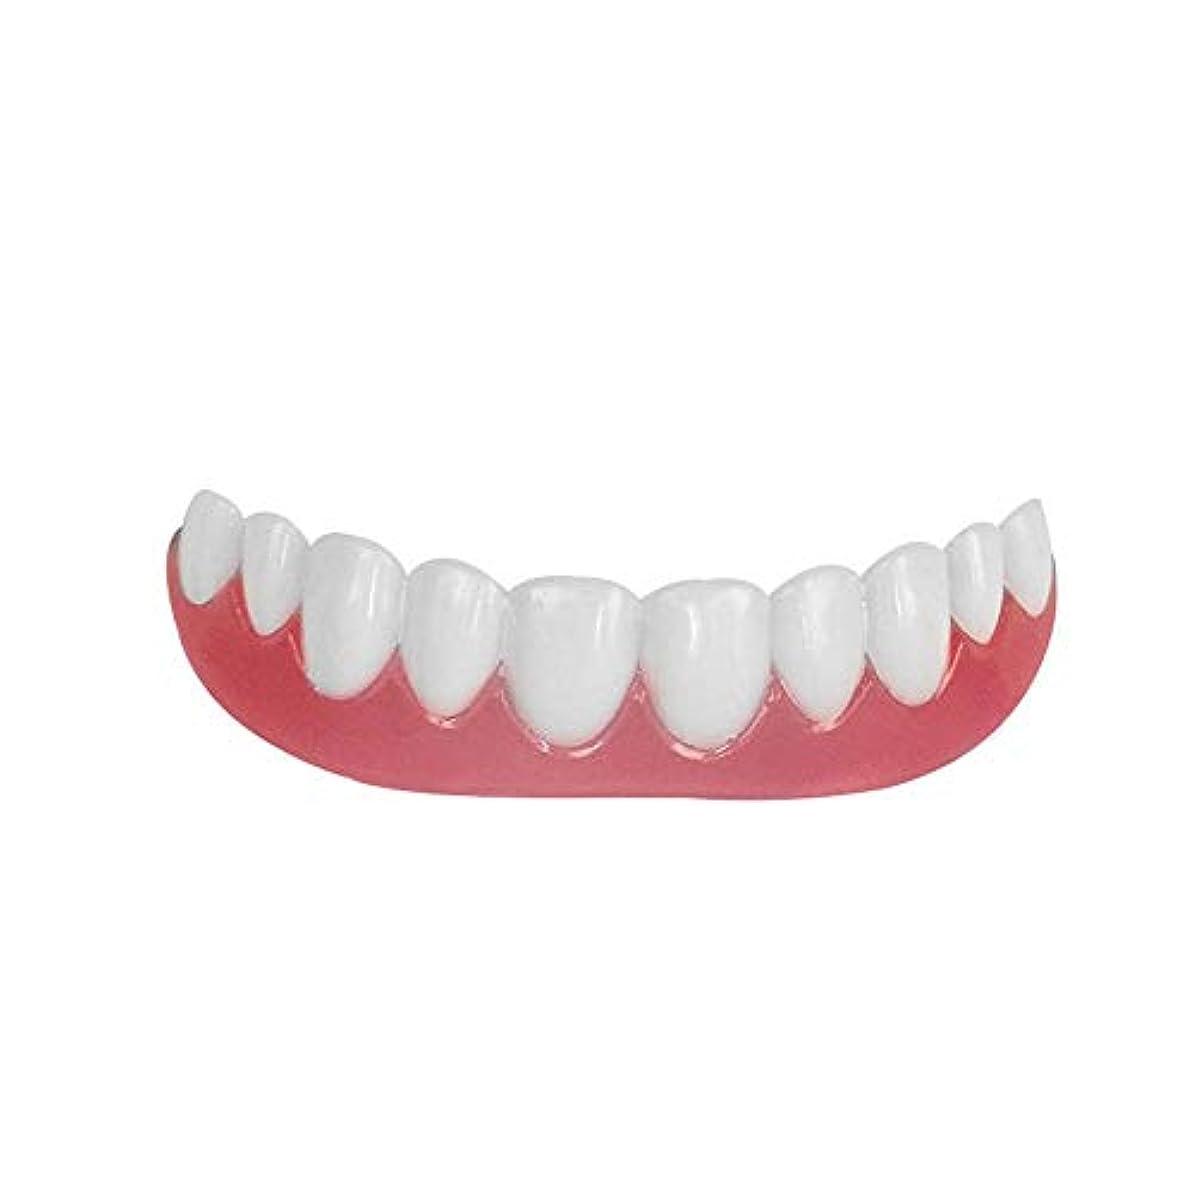 偽造クラッシュ予測シリコーン模擬歯上歯、歯科用ステッカーのホワイトニング、歯のホワイトニングセット(1pcs),A